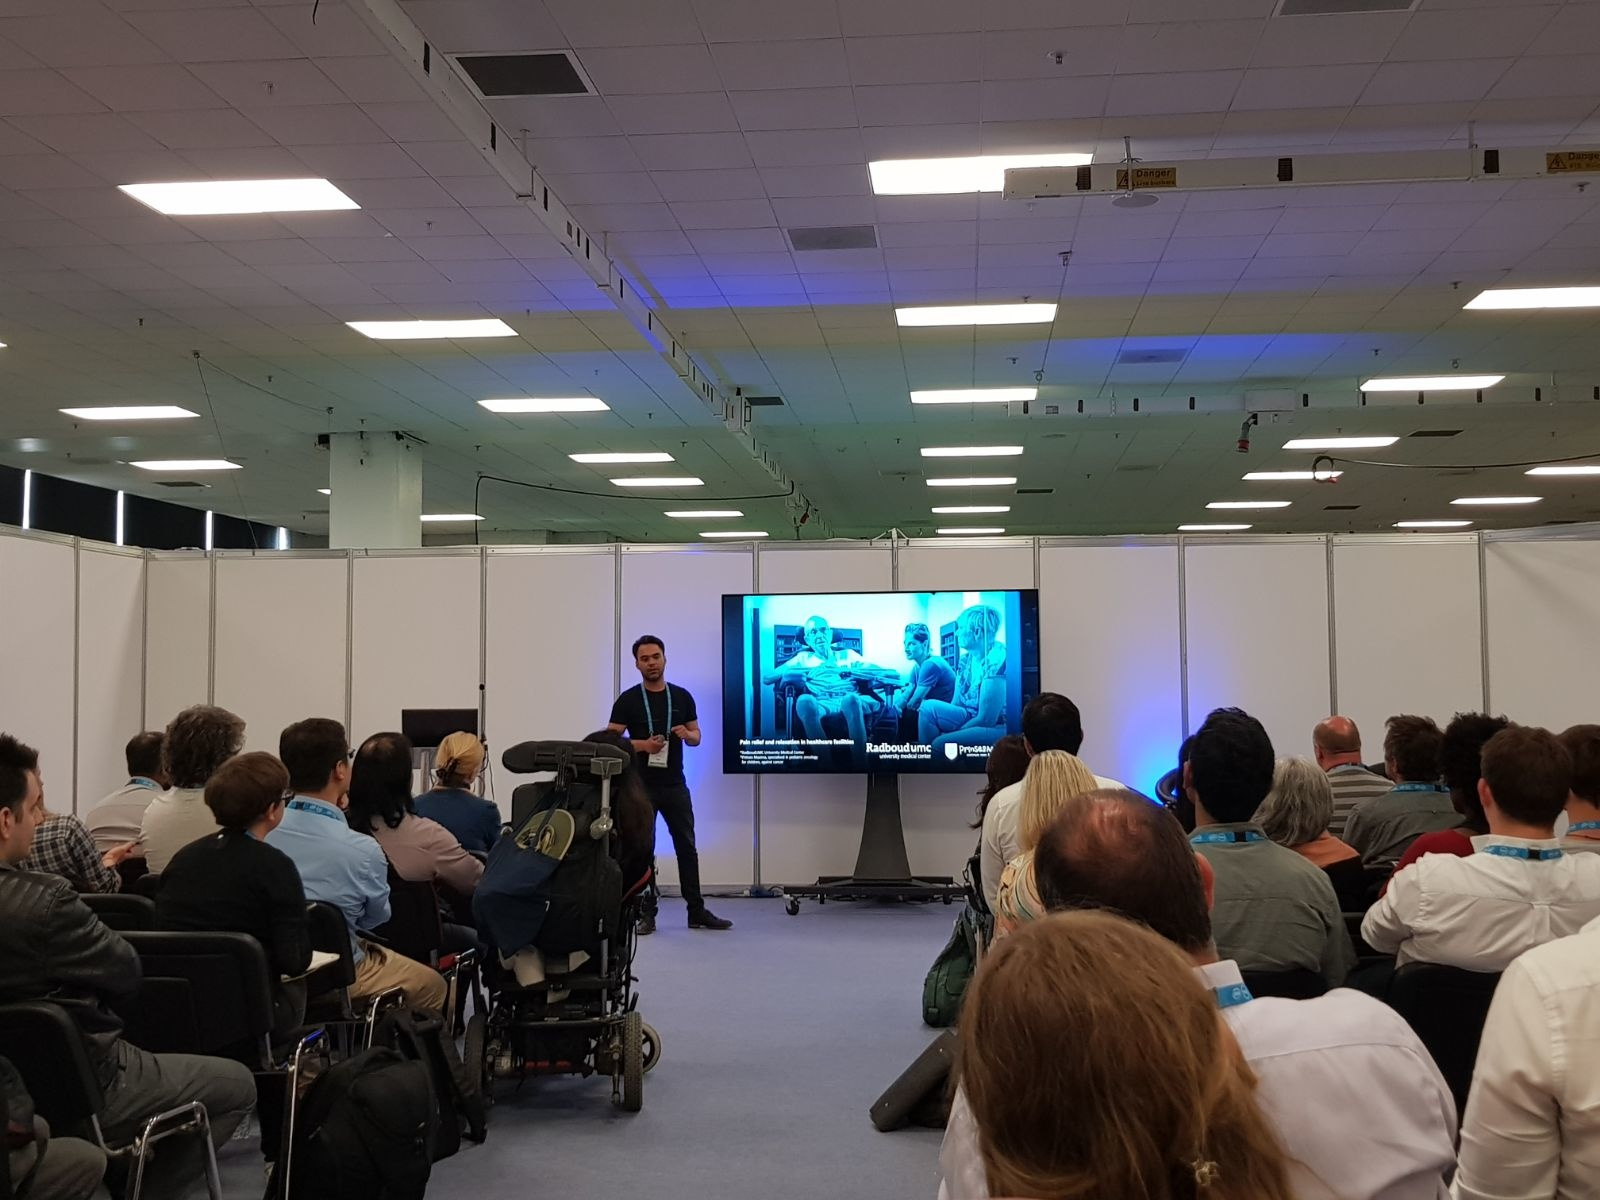 Sensiks VR world health talk